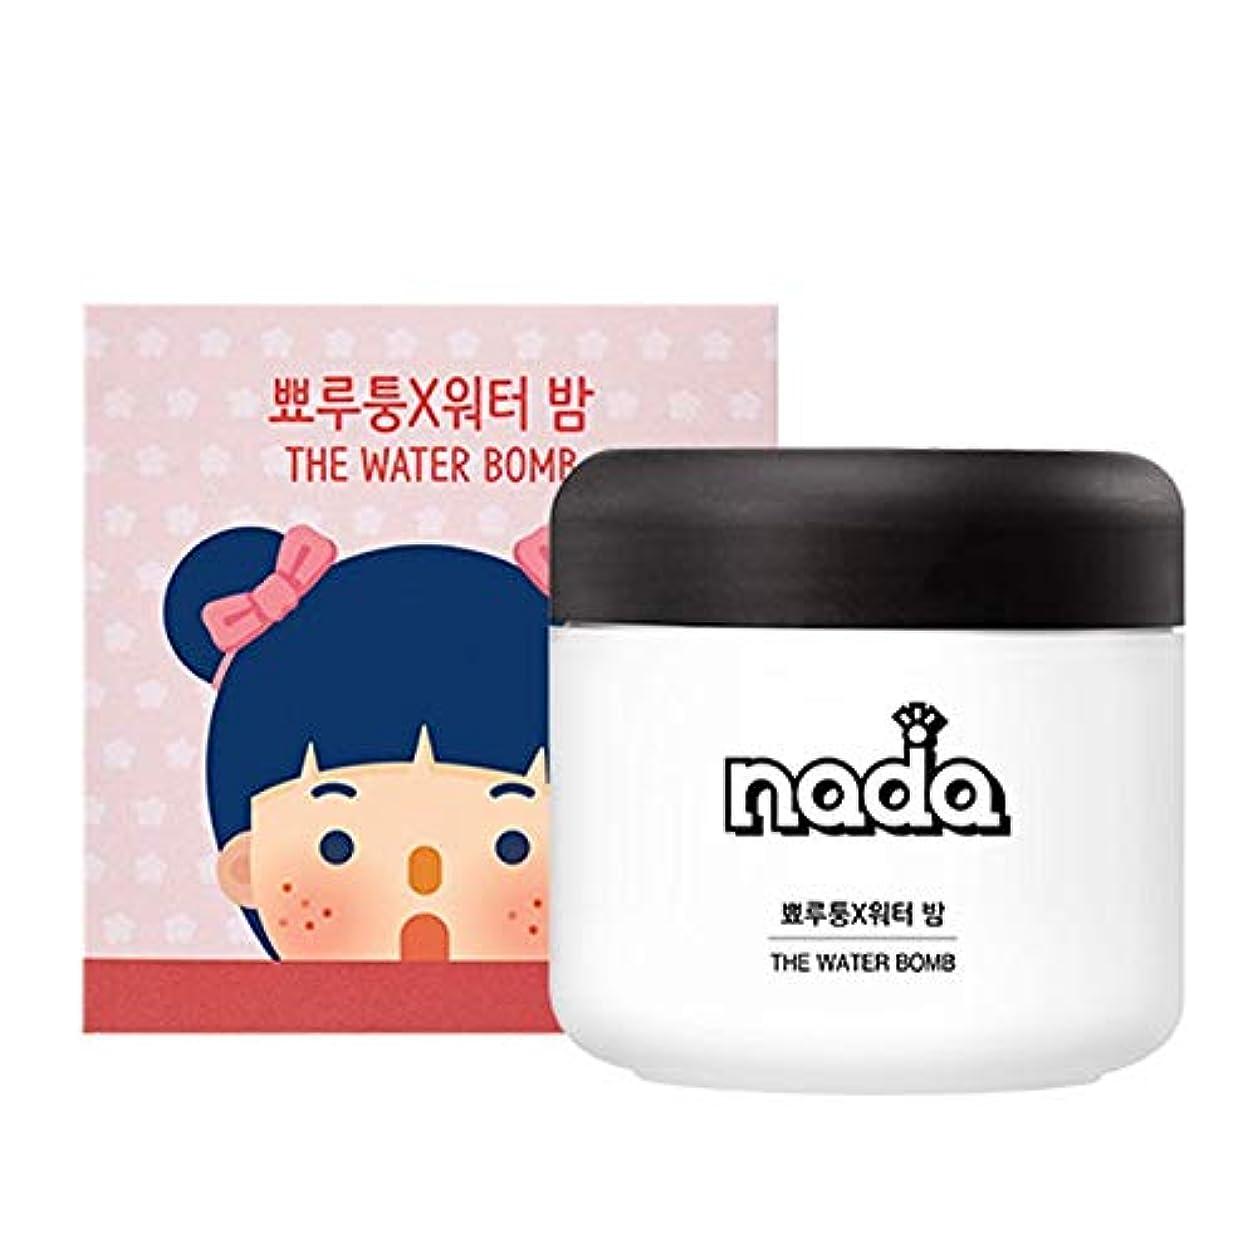 援助鈍い側面BEST韓国水爆弾50グラムモイスチャライジングフェイスクリームケア寧アンチリンクル化粧品NADA